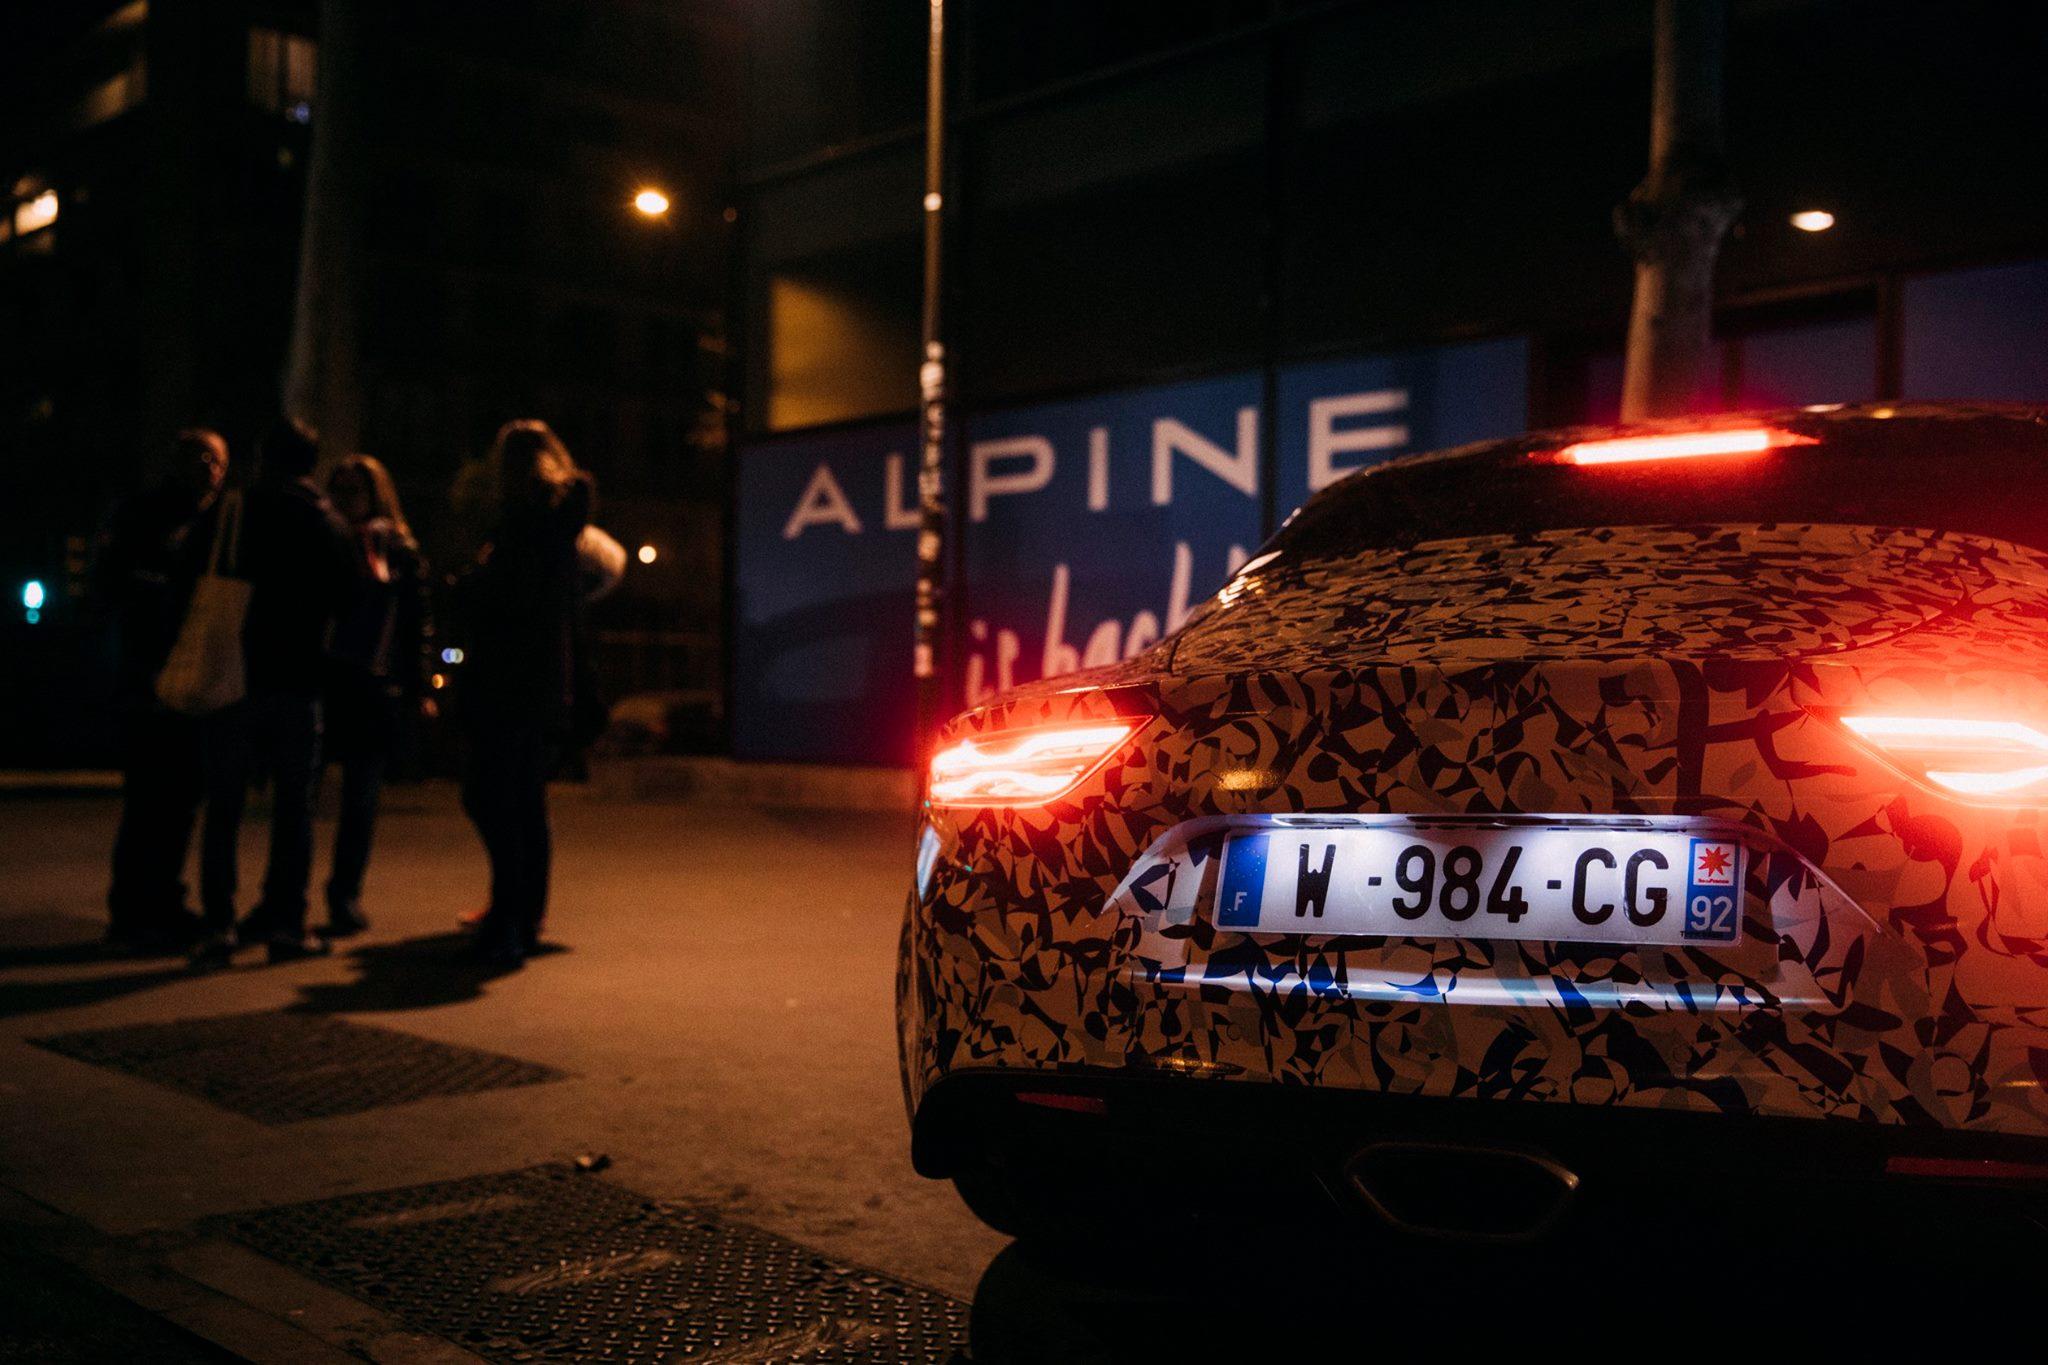 Prototype Alpine dans les rues de Paris - Studio Alpine Boulogne-Billancourt - 024